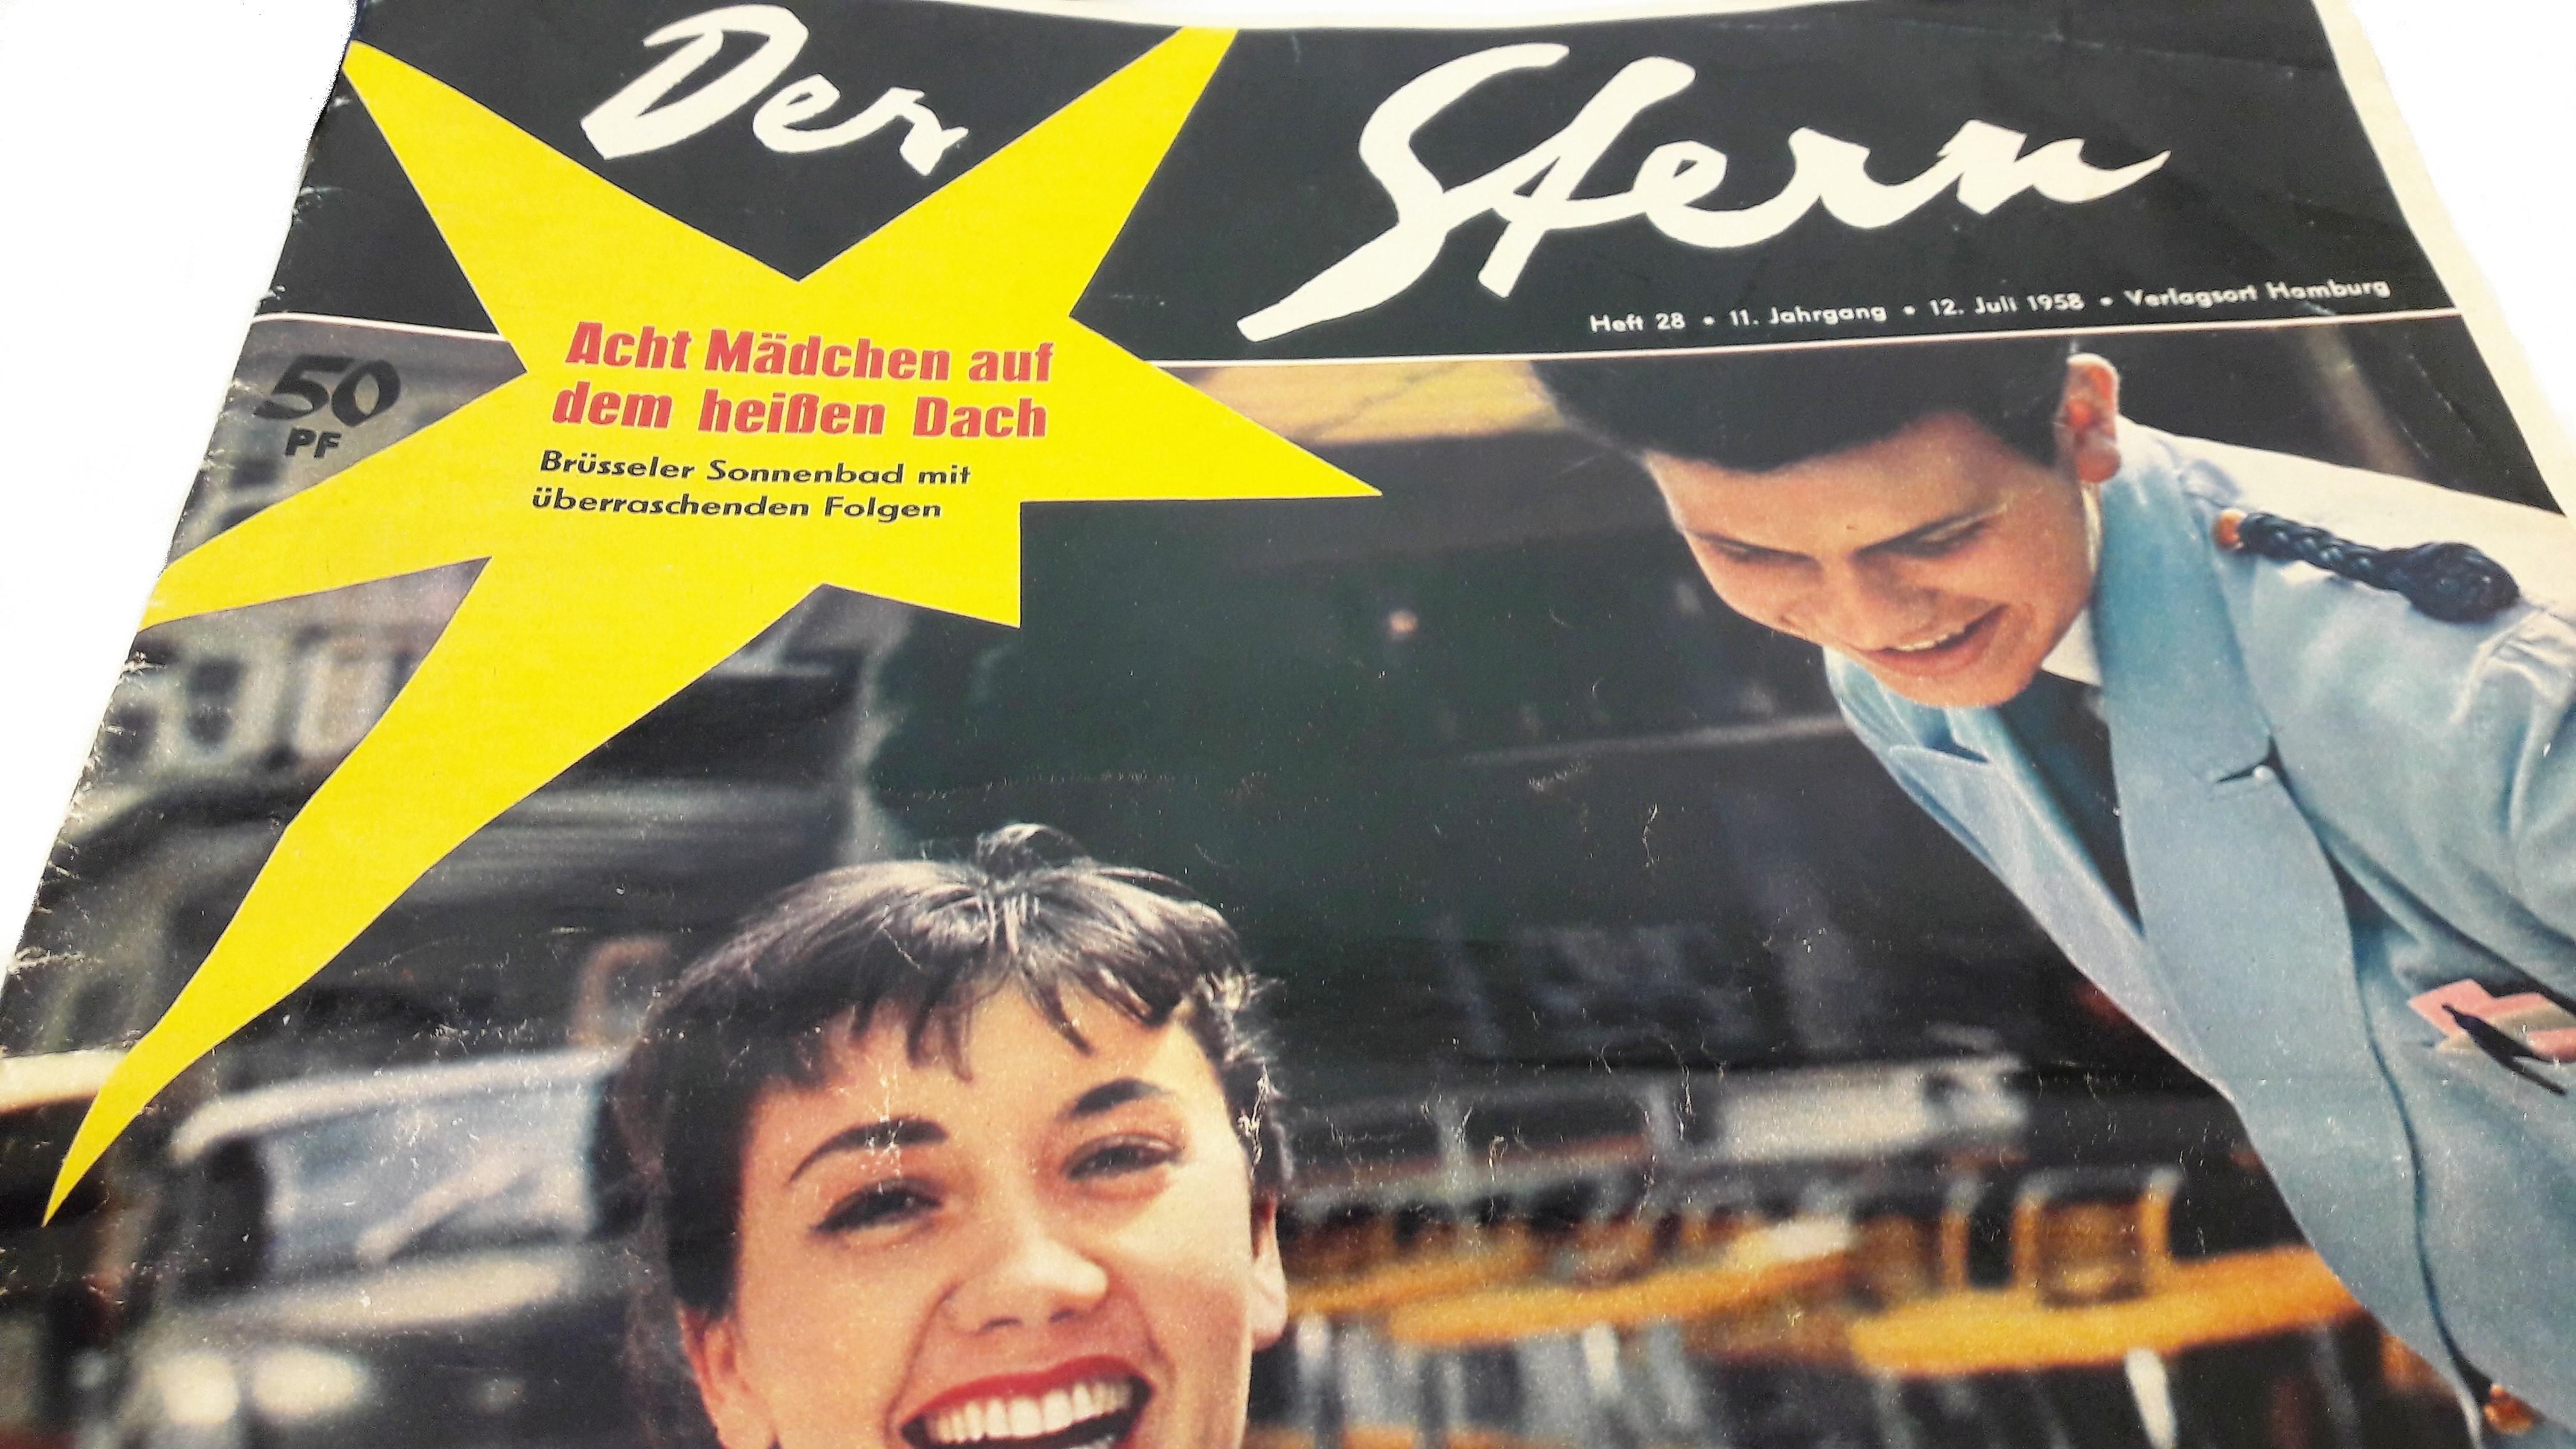 J1- Der Stern, 21 juillet 1958 - cover